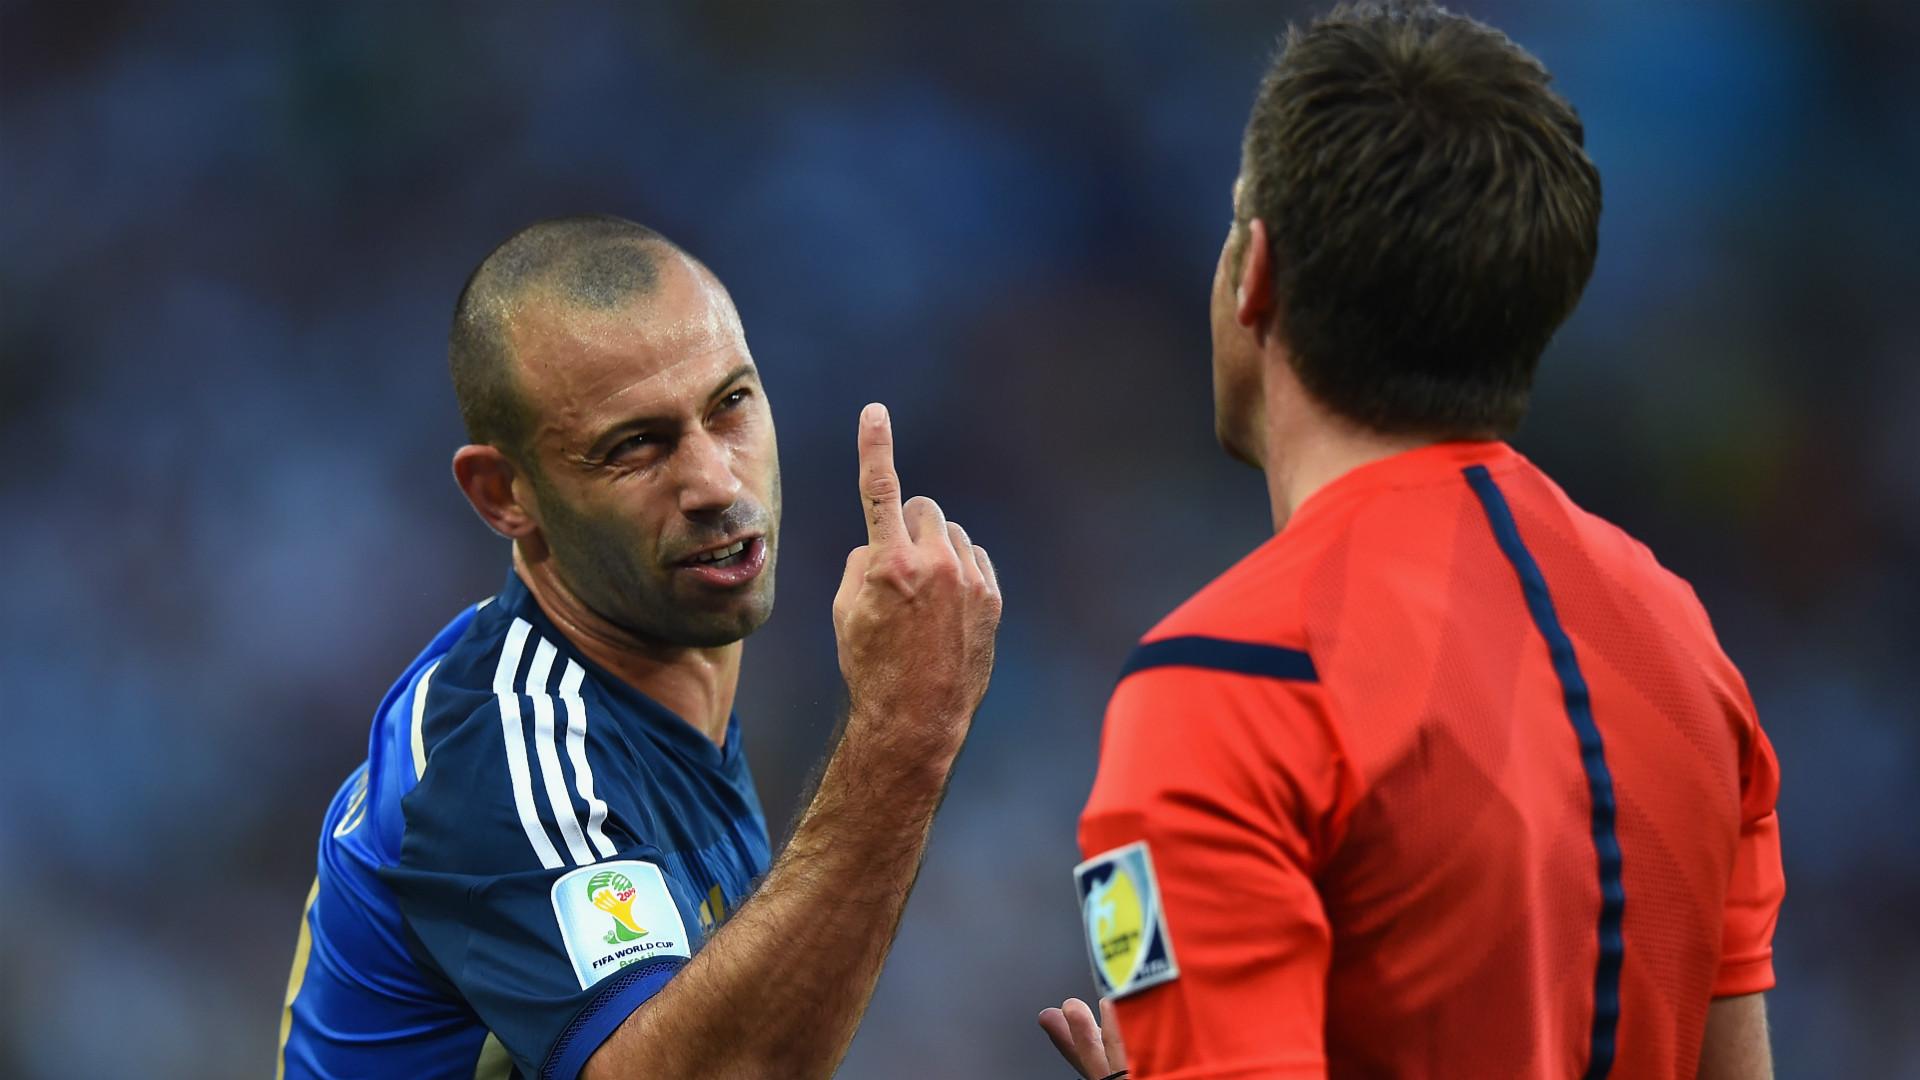 Javier Mascherano Argentina FIFA World Cup 2014